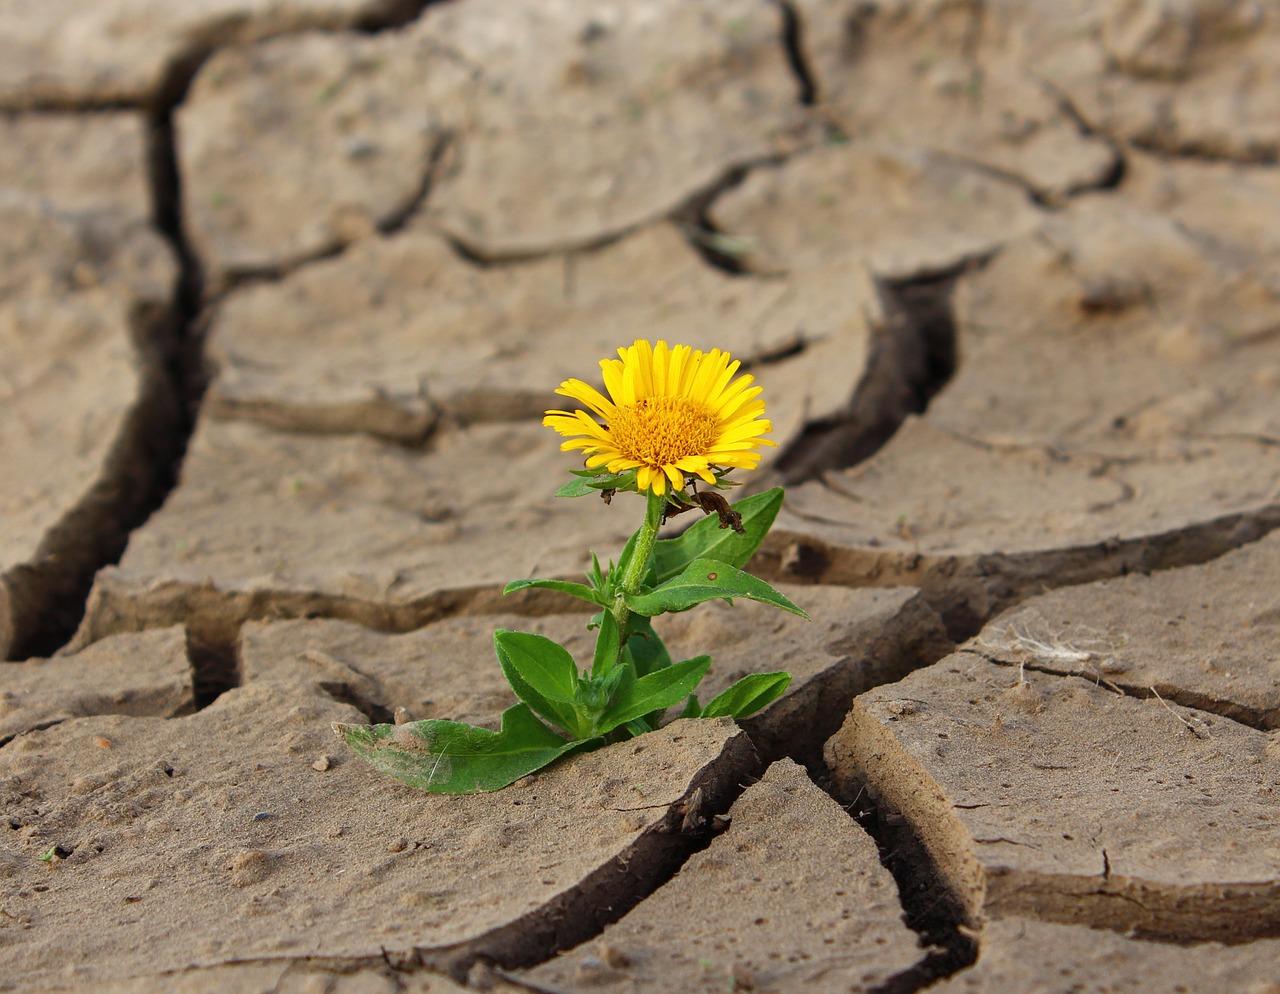 El mundo tiene más hambre, pero la tierra está agotada: IPCC